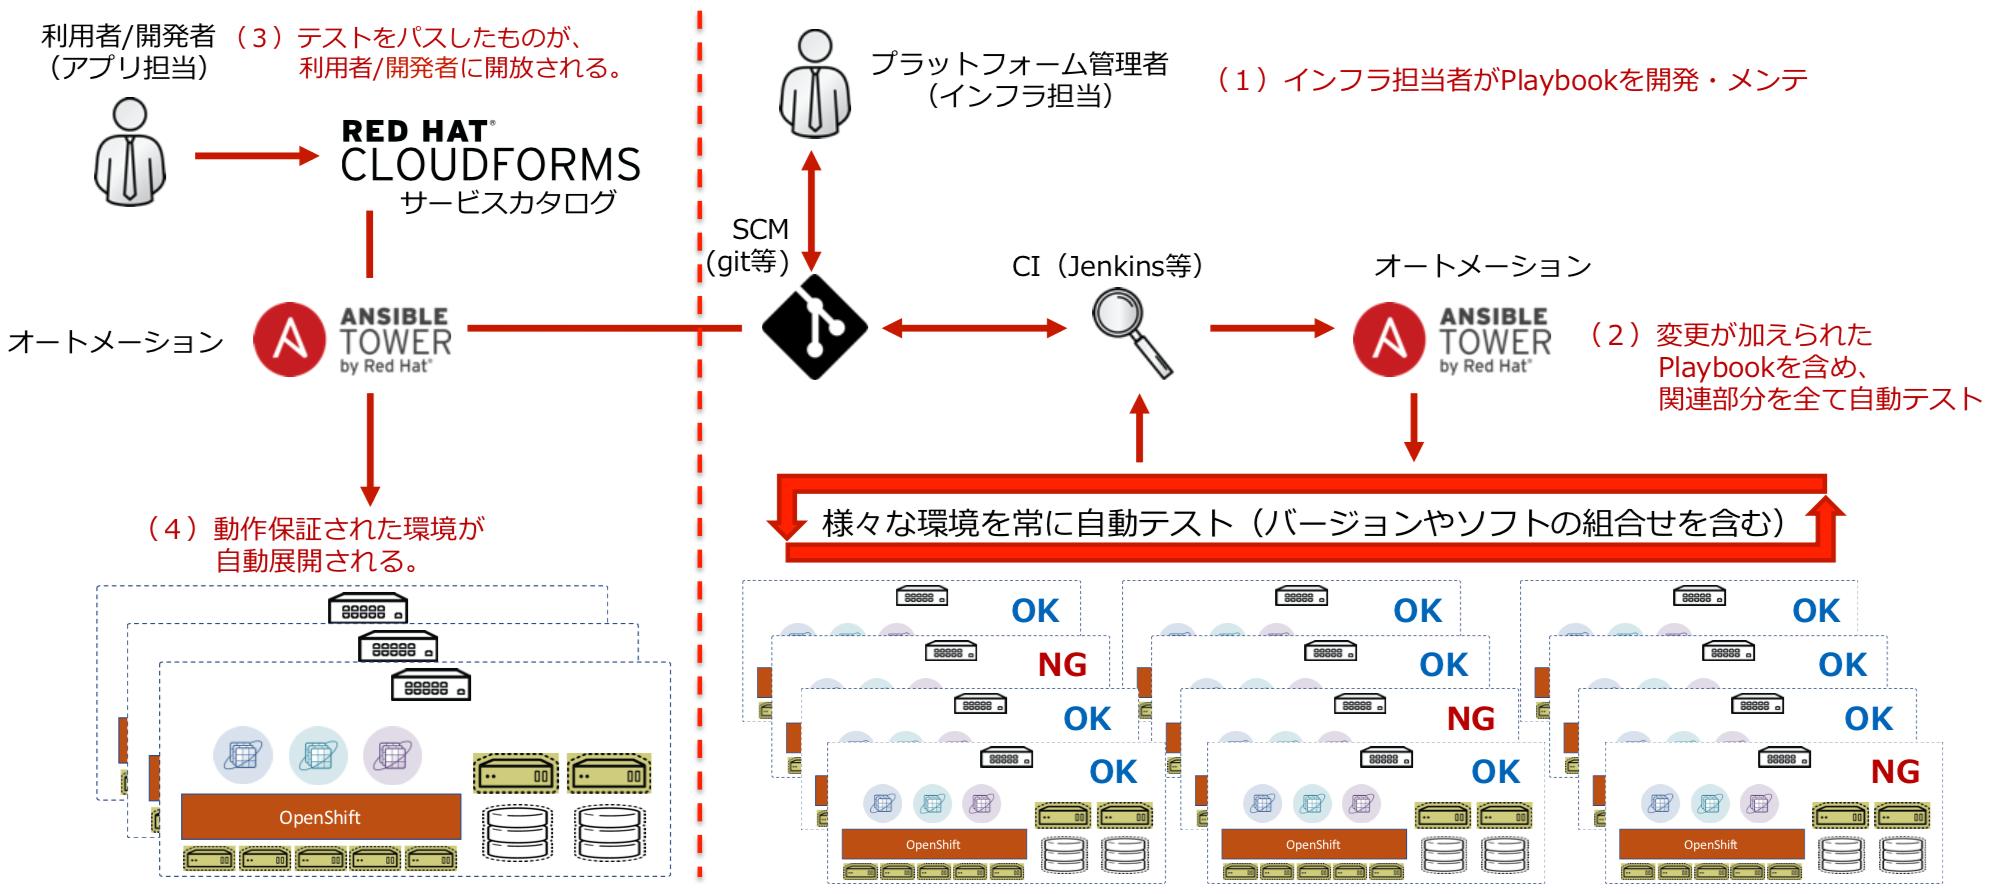 https://licensecounter.jp/devops-hub/blog/assets/images/180214_redhat_02.png